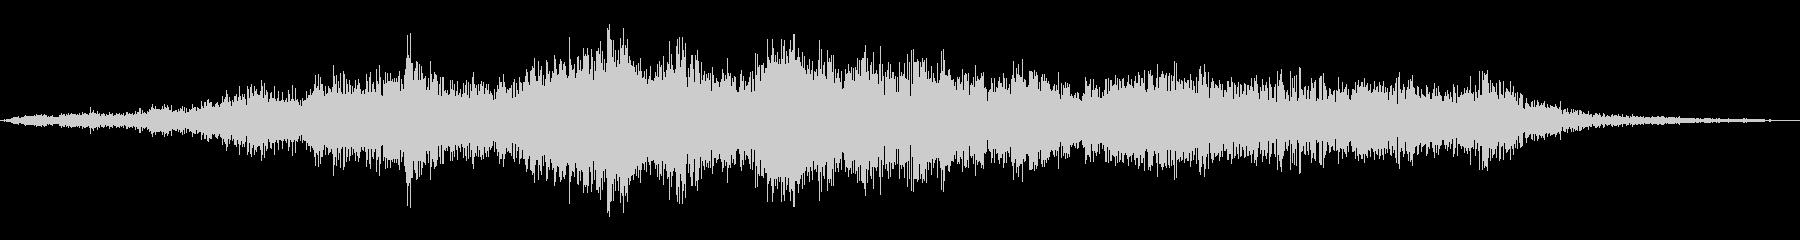 ヘビーメタルプレートランブルの未再生の波形